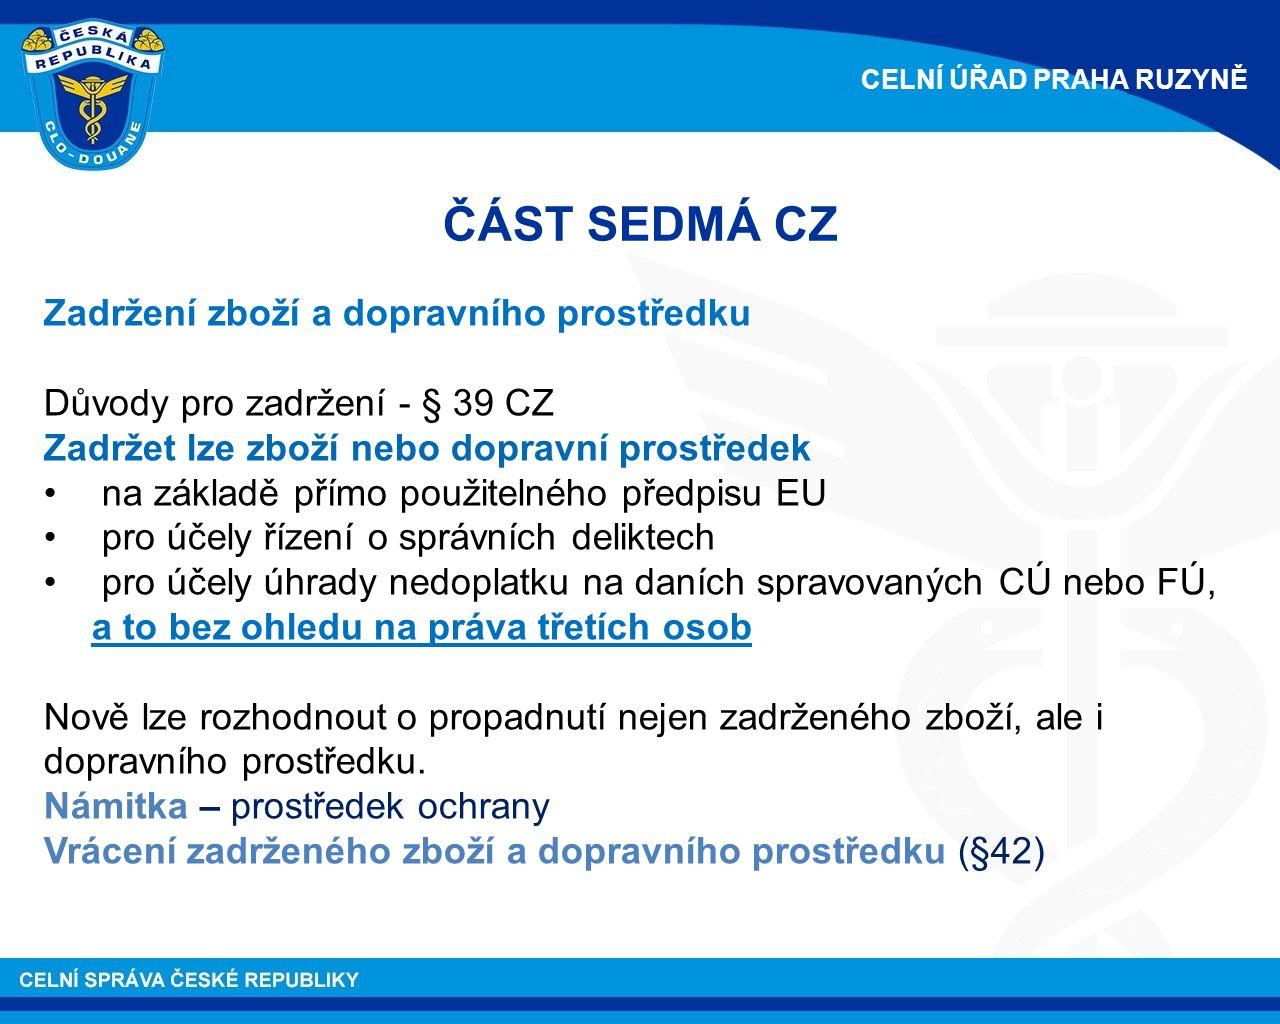 ČÁST SEDMÁ CZ Zadržení zboží a dopravního prostředku Důvody pro zadržení - § 39 CZ Zadržet lze zboží nebo dopravní prostředek na základě přímo použitelného předpisu EU pro účely řízení o správních deliktech pro účely úhrady nedoplatku na daních spravovaných CÚ nebo FÚ, a to bez ohledu na práva třetích osob Nově lze rozhodnout o propadnutí nejen zadrženého zboží, ale i dopravního prostředku.